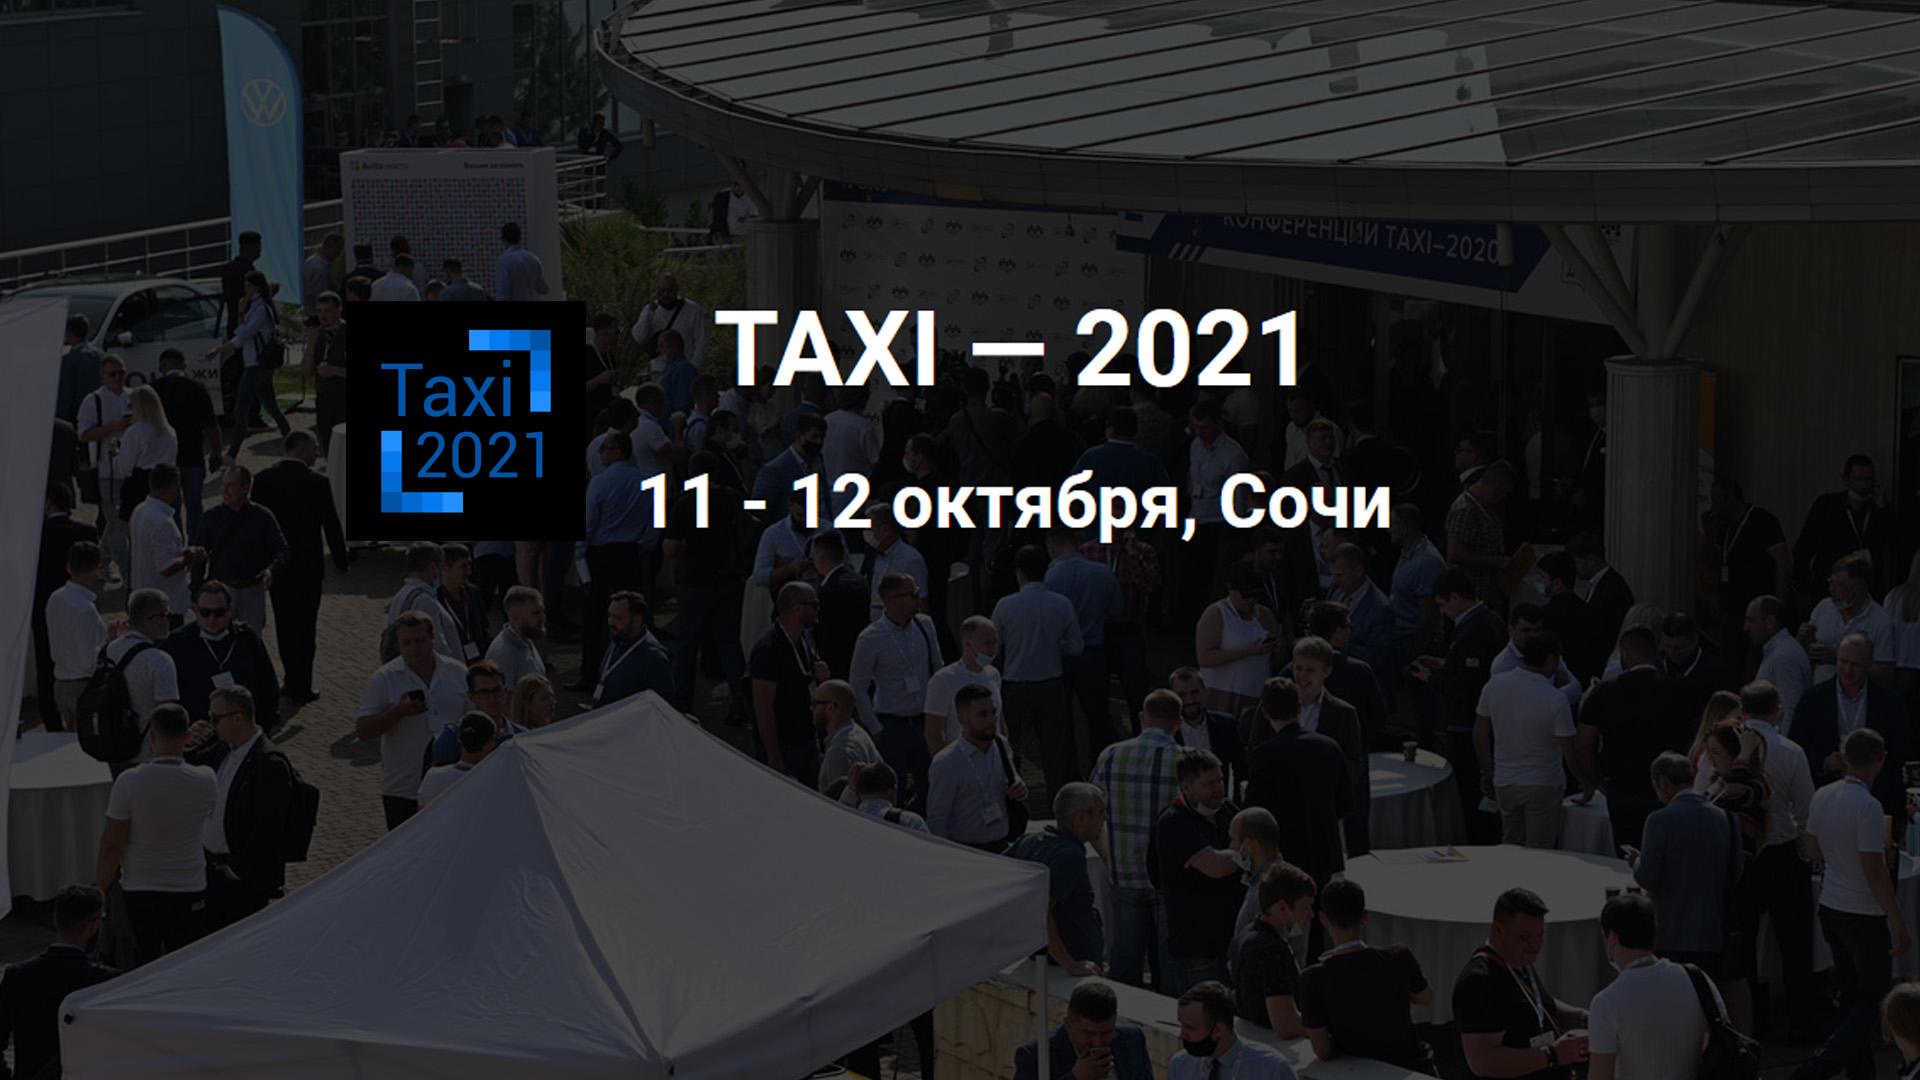 15 сентября повысится стоимость участия в конференции «TAXI – 2021» в Сочи